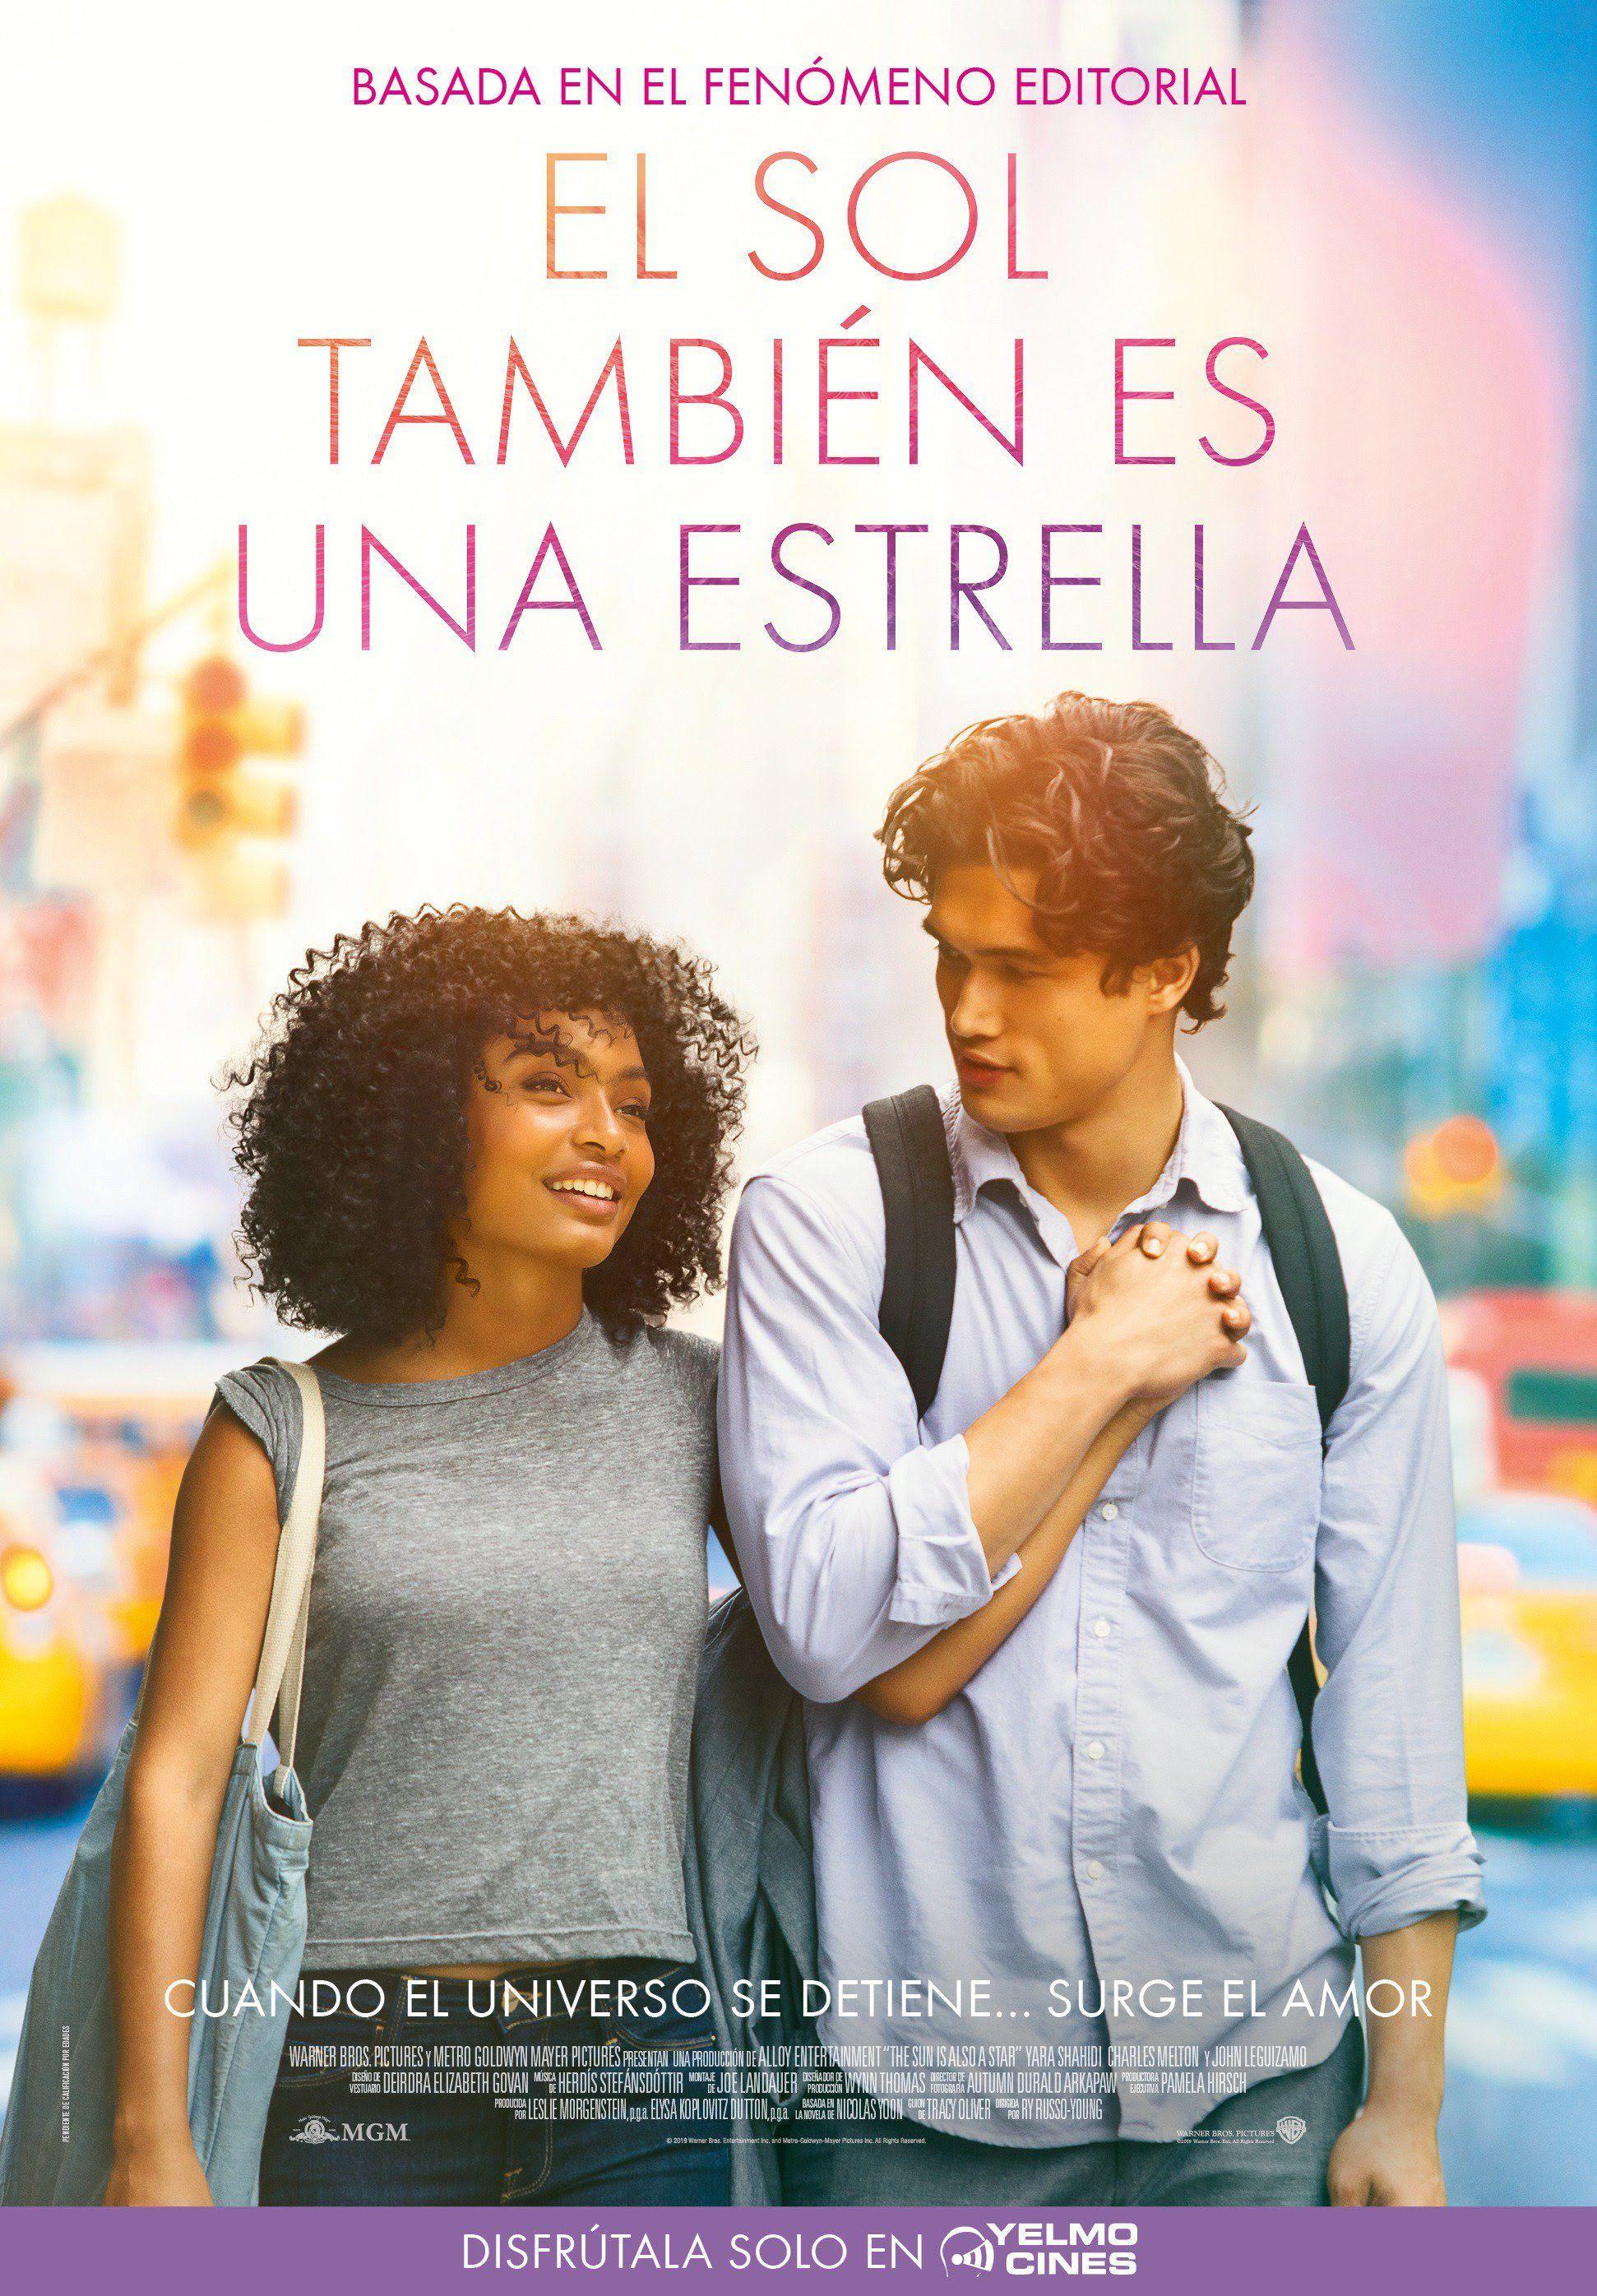 El Sol Tambien Es Una Estrella Peliculas Para Jovenes Peliculas Romanticas En Netflix Peliculas De Adolecentes